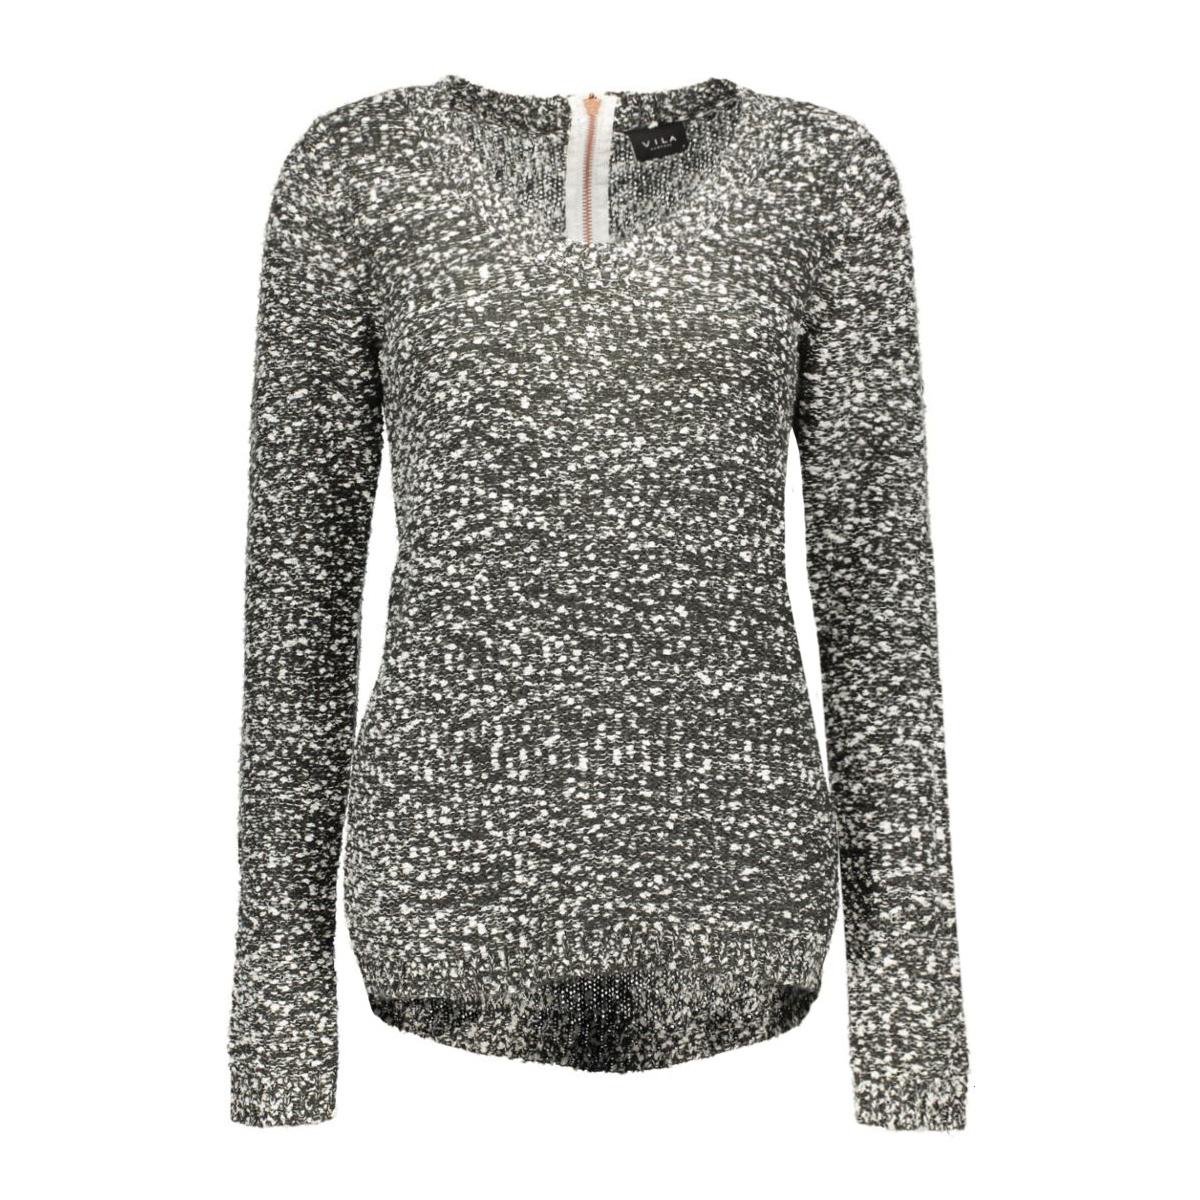 vilika l/s knit top 14035633 vila trui ebony